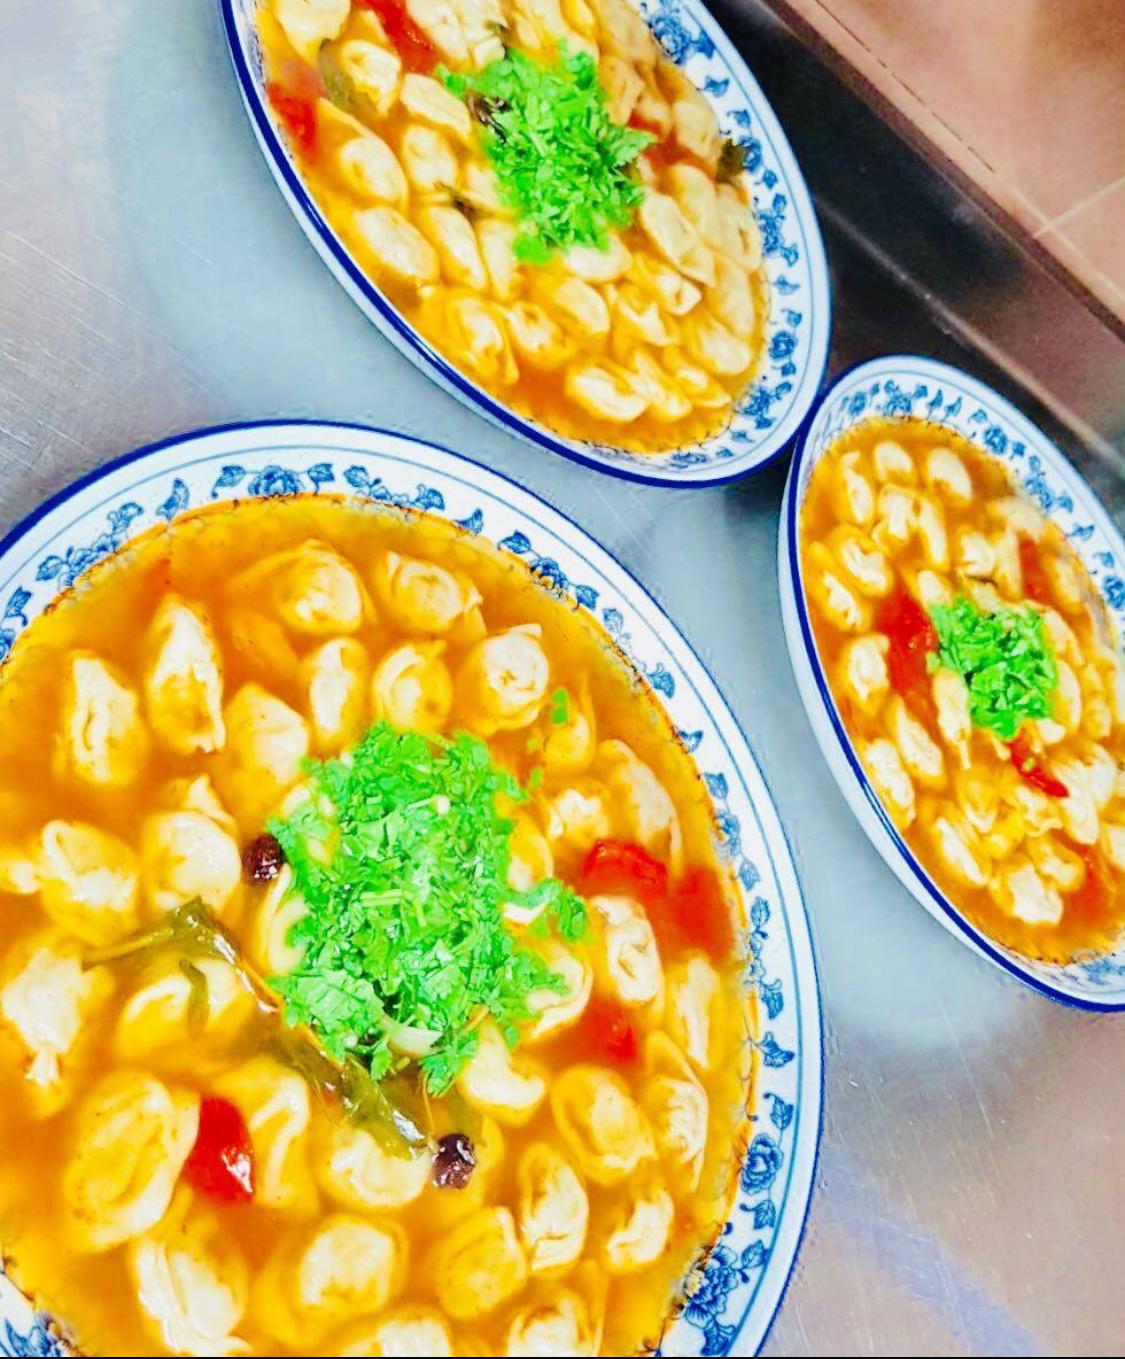 כיסוני בשר מעולים וטעימים במסעדת ירושלים פלוס